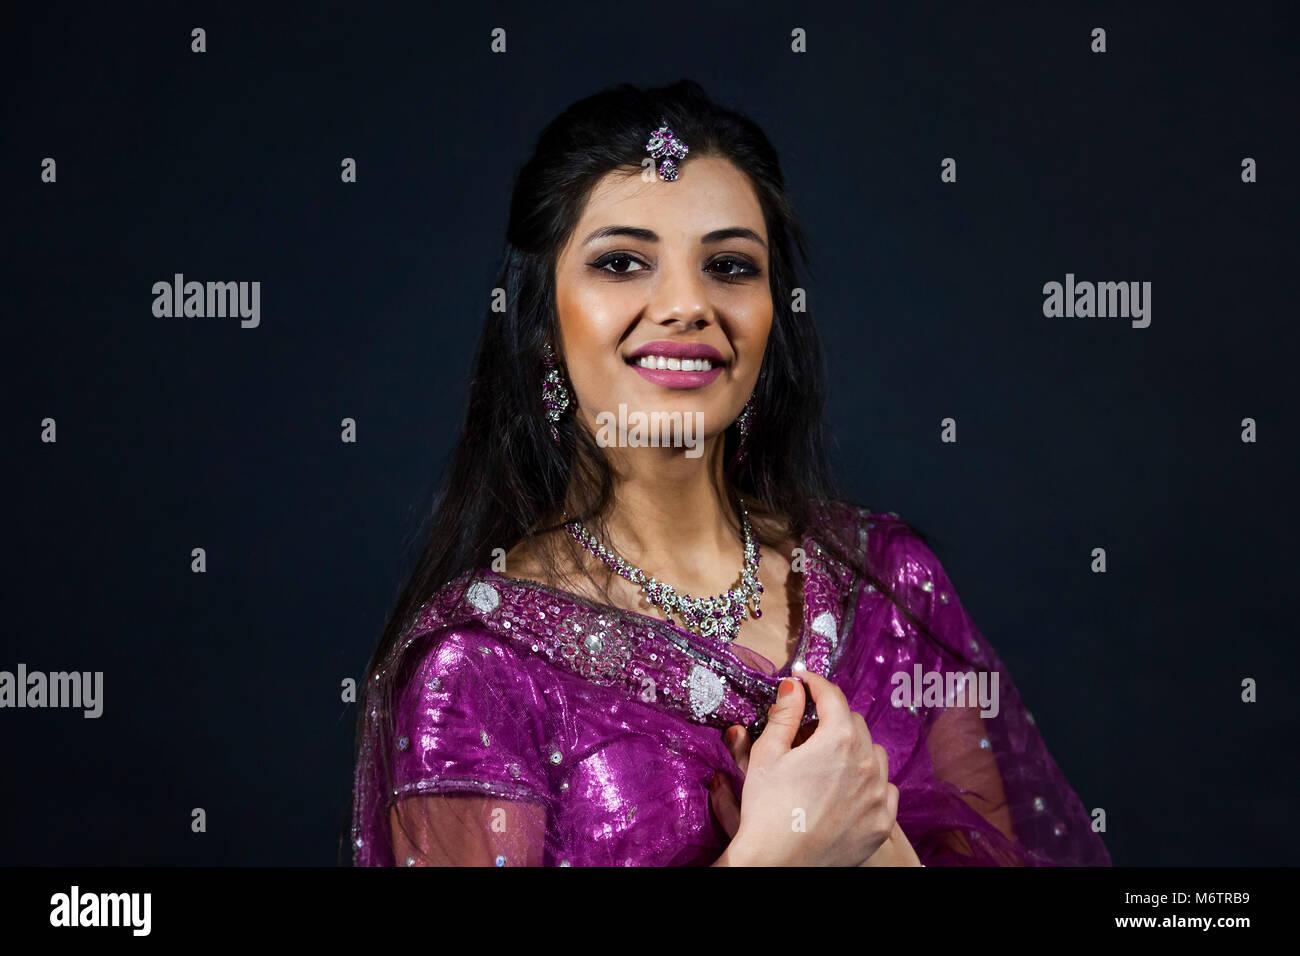 Ritratto di sorridente bella ragazza indiana. giovani modello femminile indossa gioielli set e i tradizionali abiti Immagini Stock